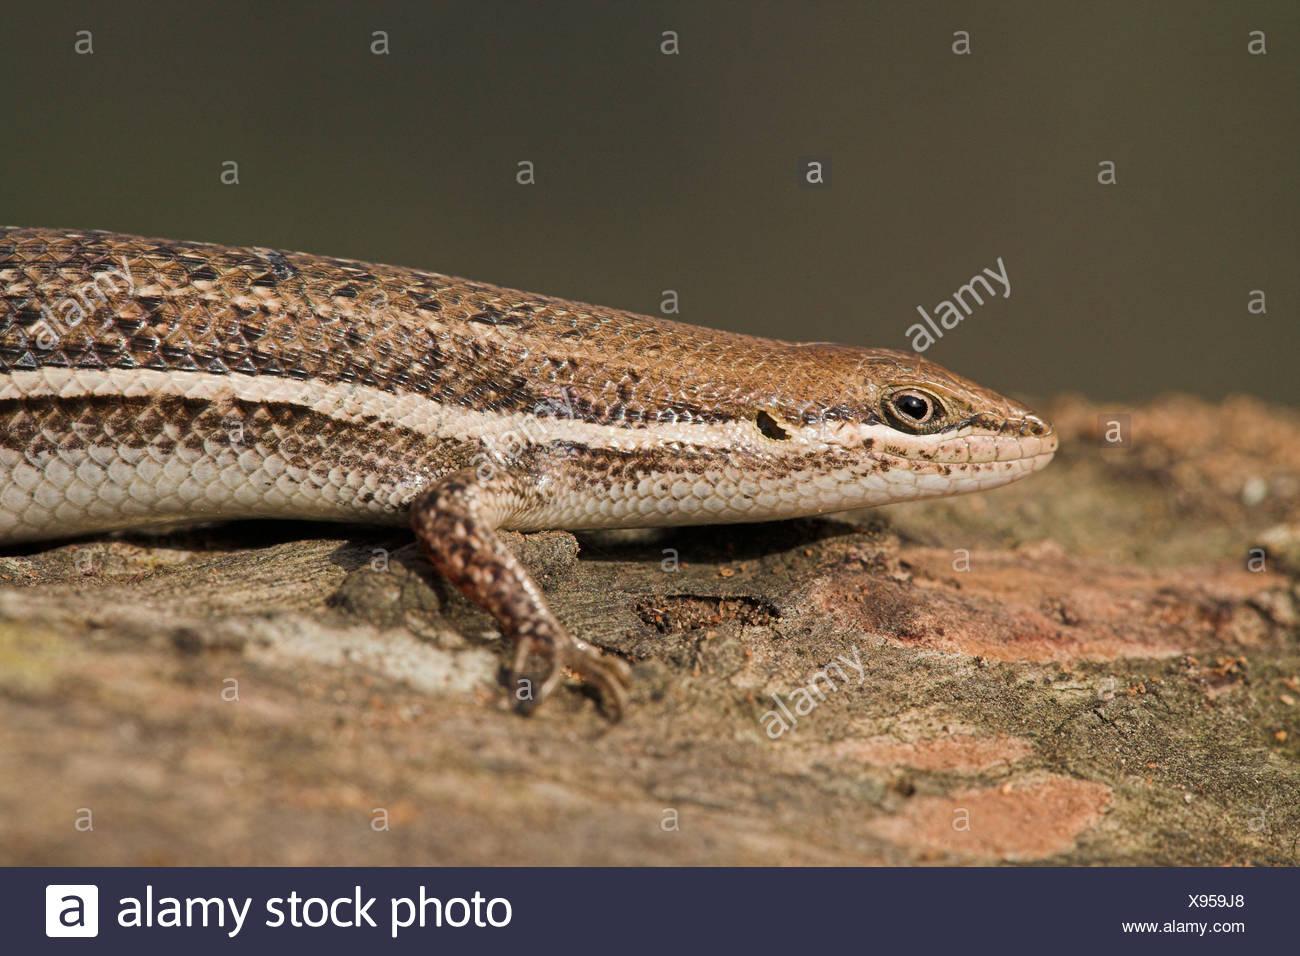 Foto di una variabile skink, una delle specie più comuni in Sud Africa Immagini Stock